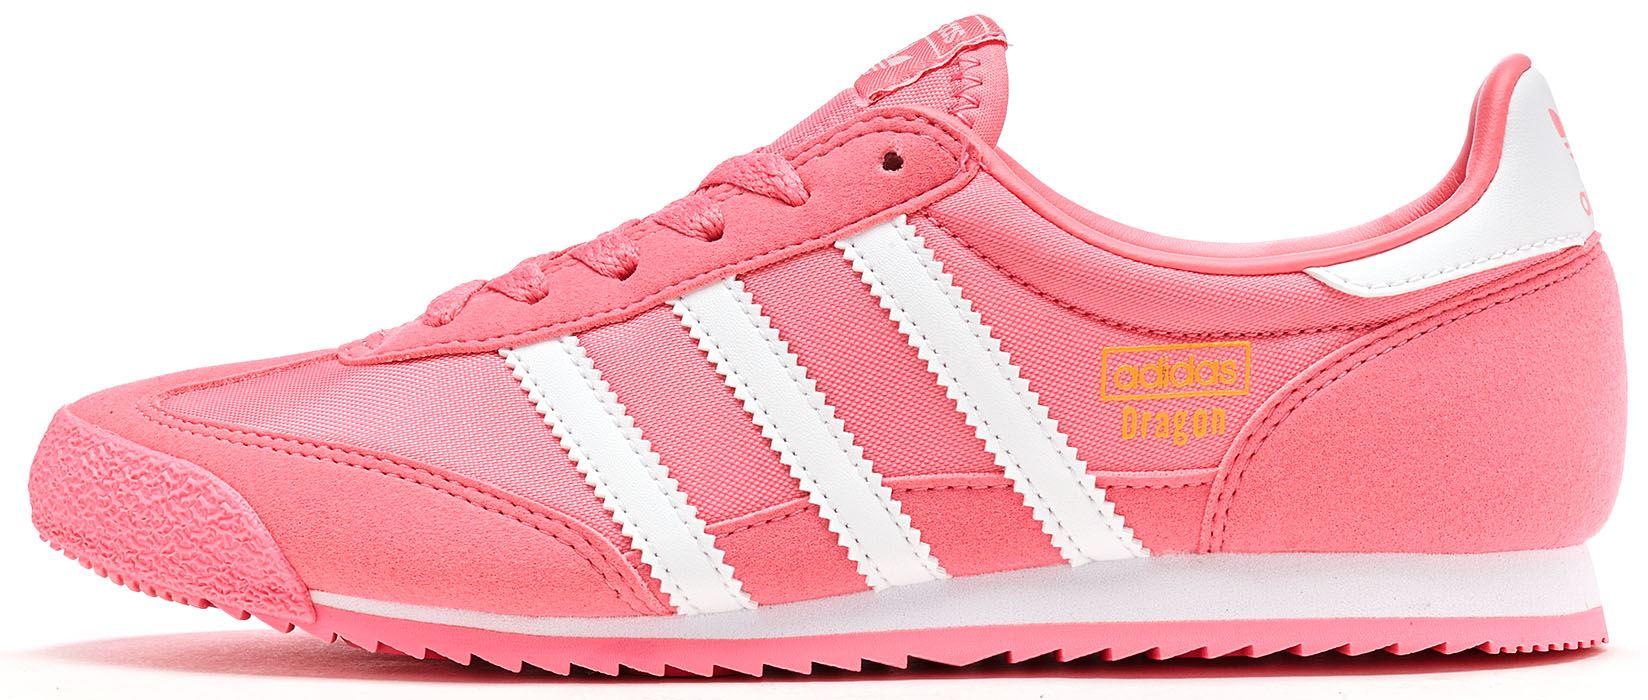 super popular c6739 f67ab Adidas Originals GS drago OG scamosciate in luce BB2489 rosa   bianco